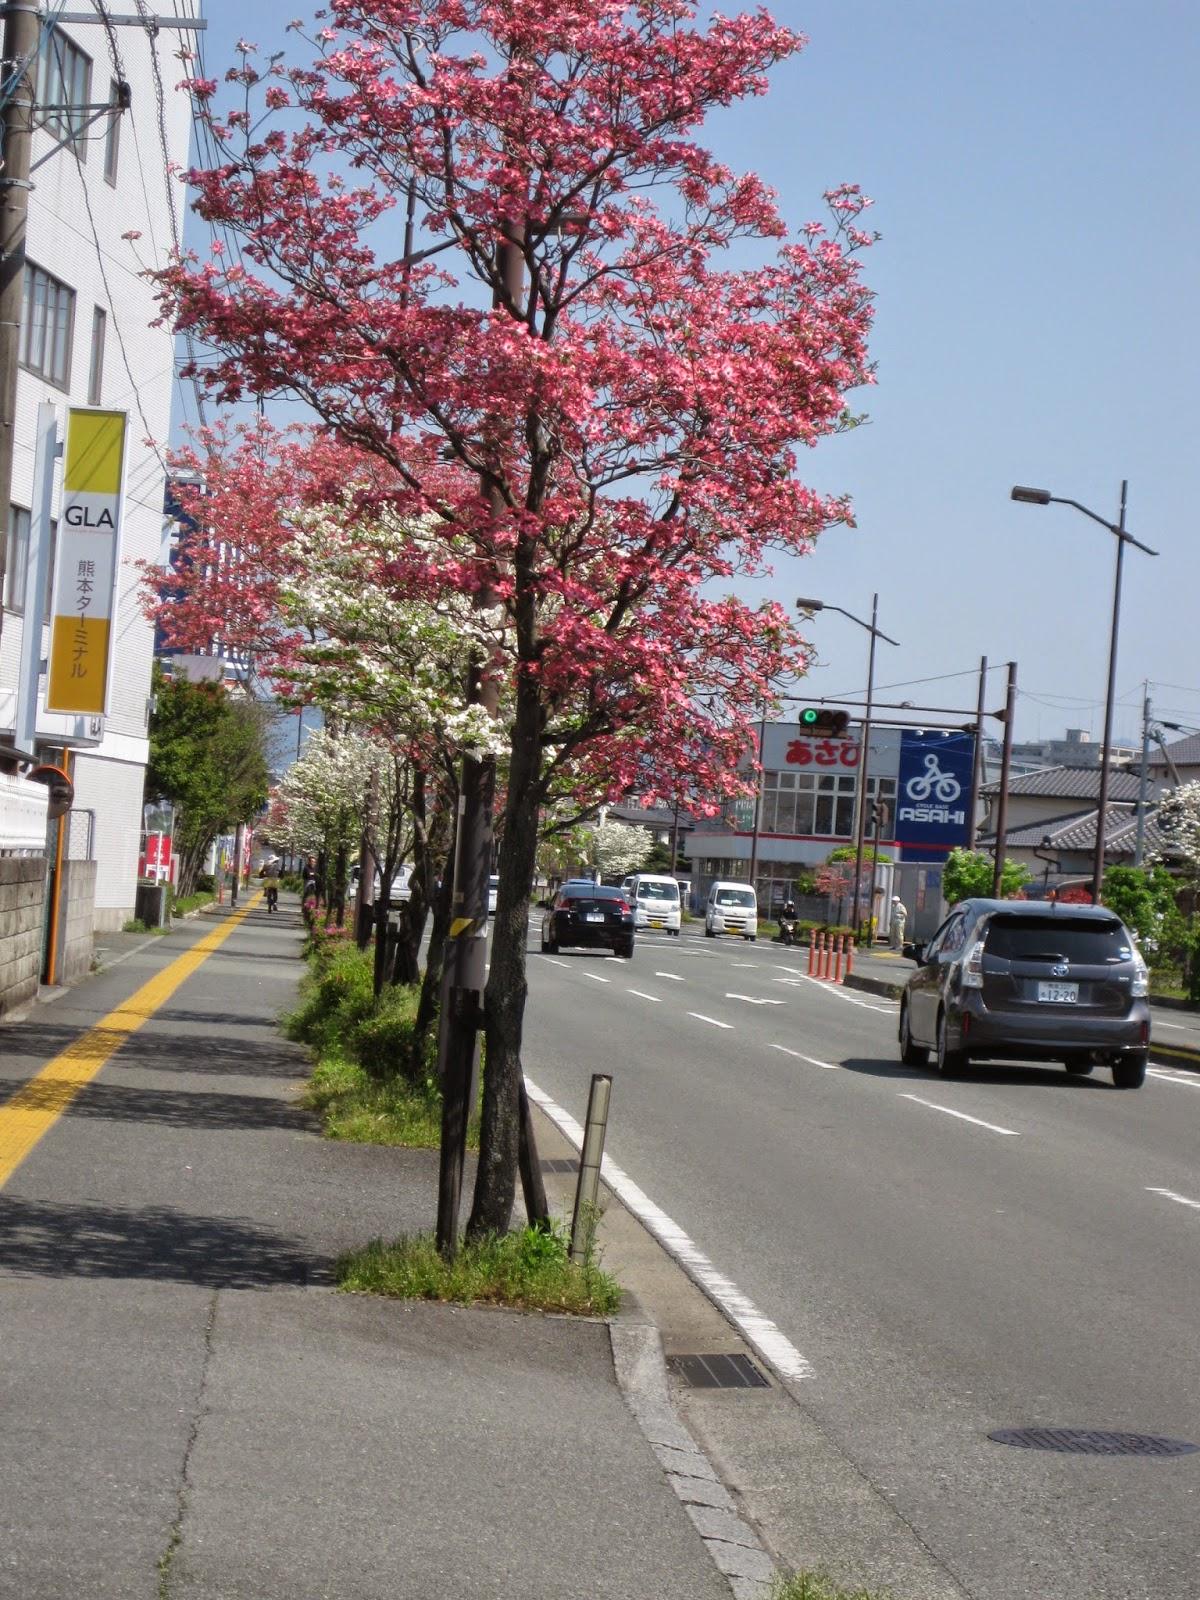 fukuoka japan mission april 2014